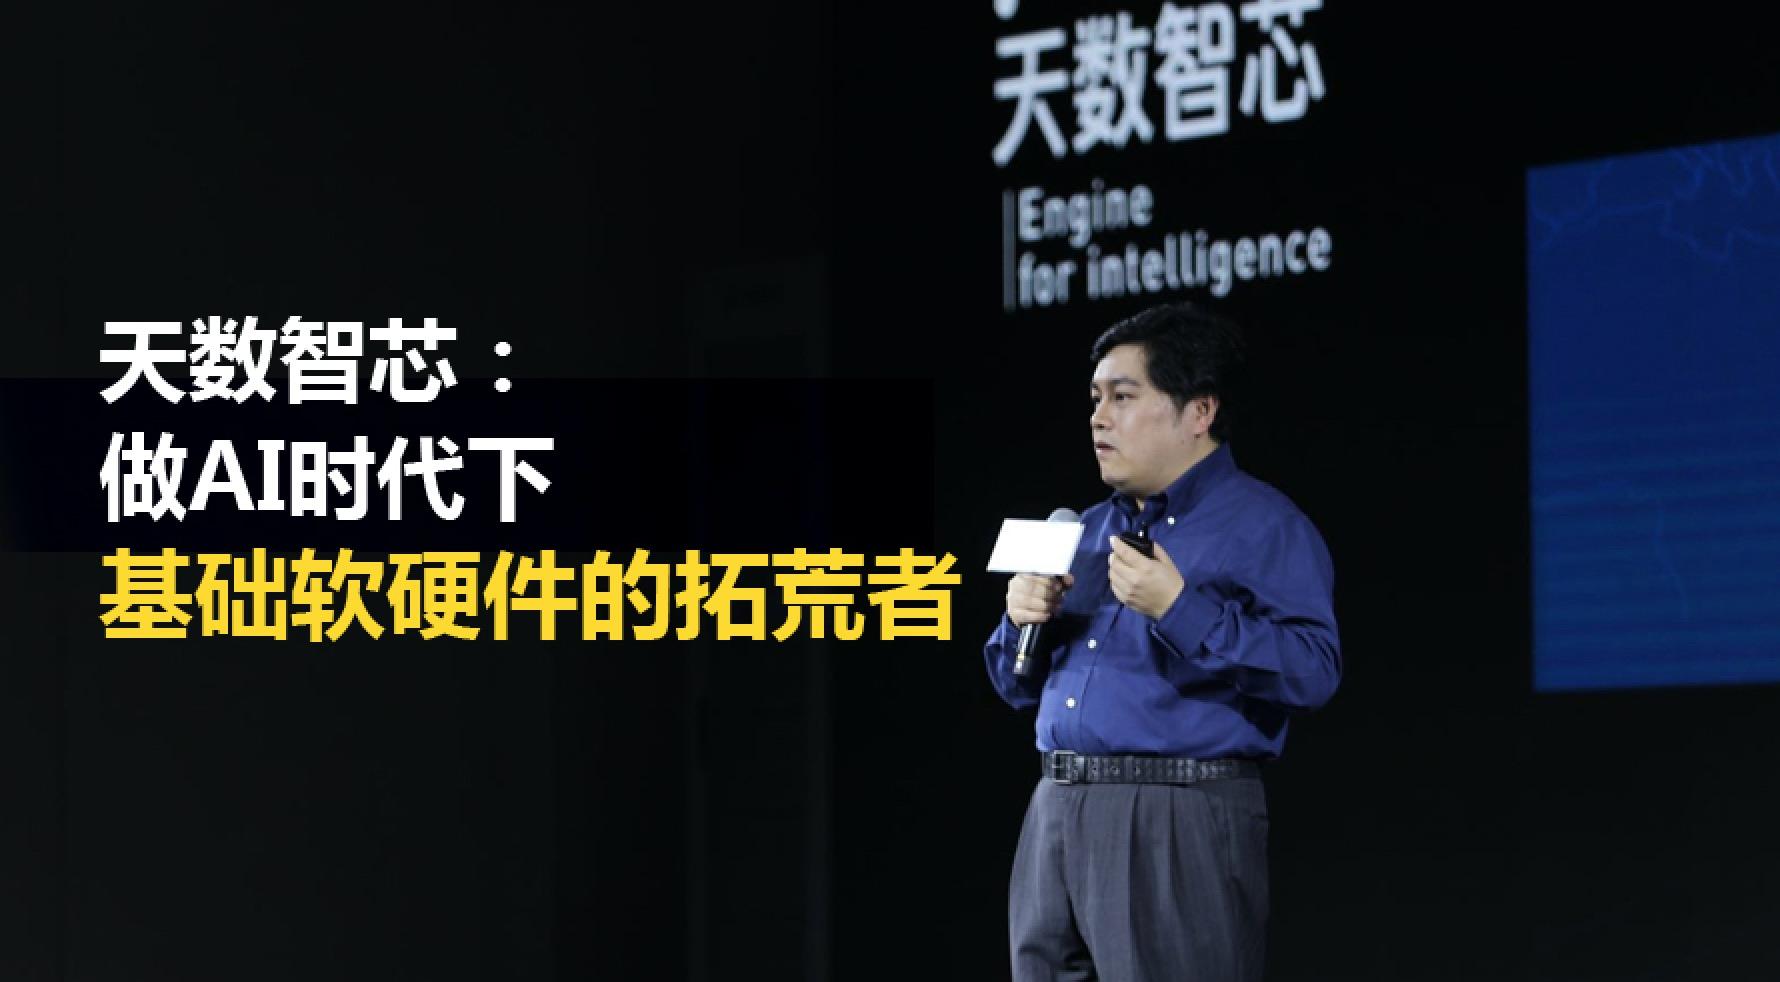 天数智芯:做AI时代下,基础软硬件的拓荒者